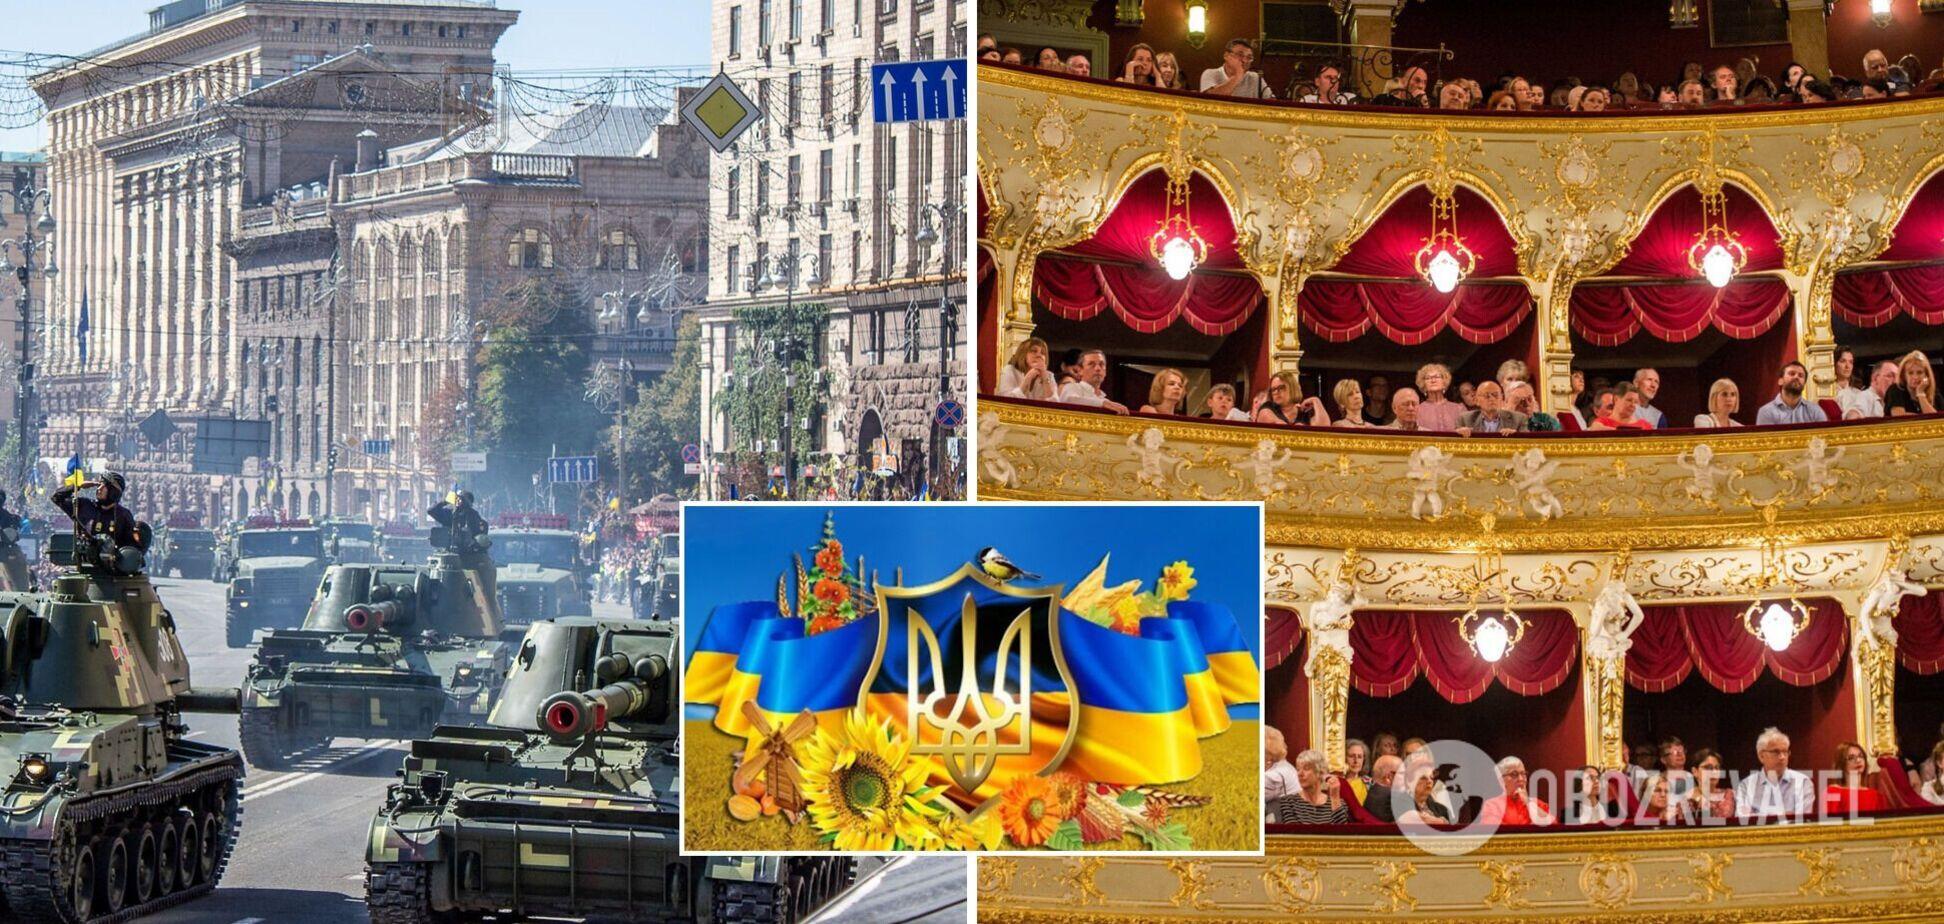 Парад важкої техніки і вечір опери: що чекає на українців у День Незалежності